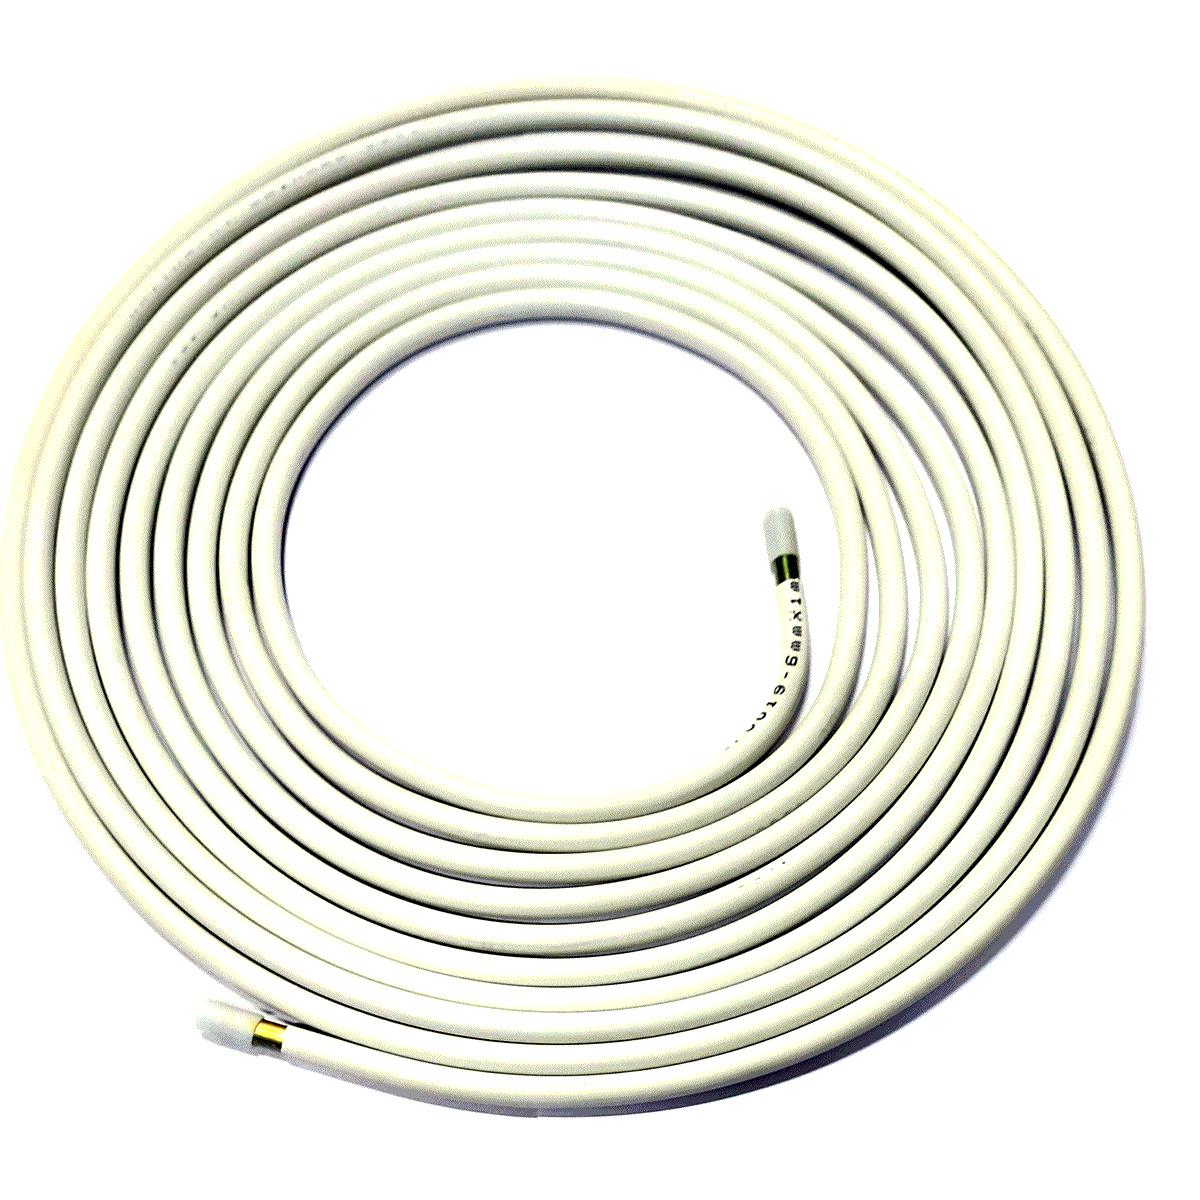 Tubo de Alta Pressão Aço Revestido 6 metros s/Costura p/GNV